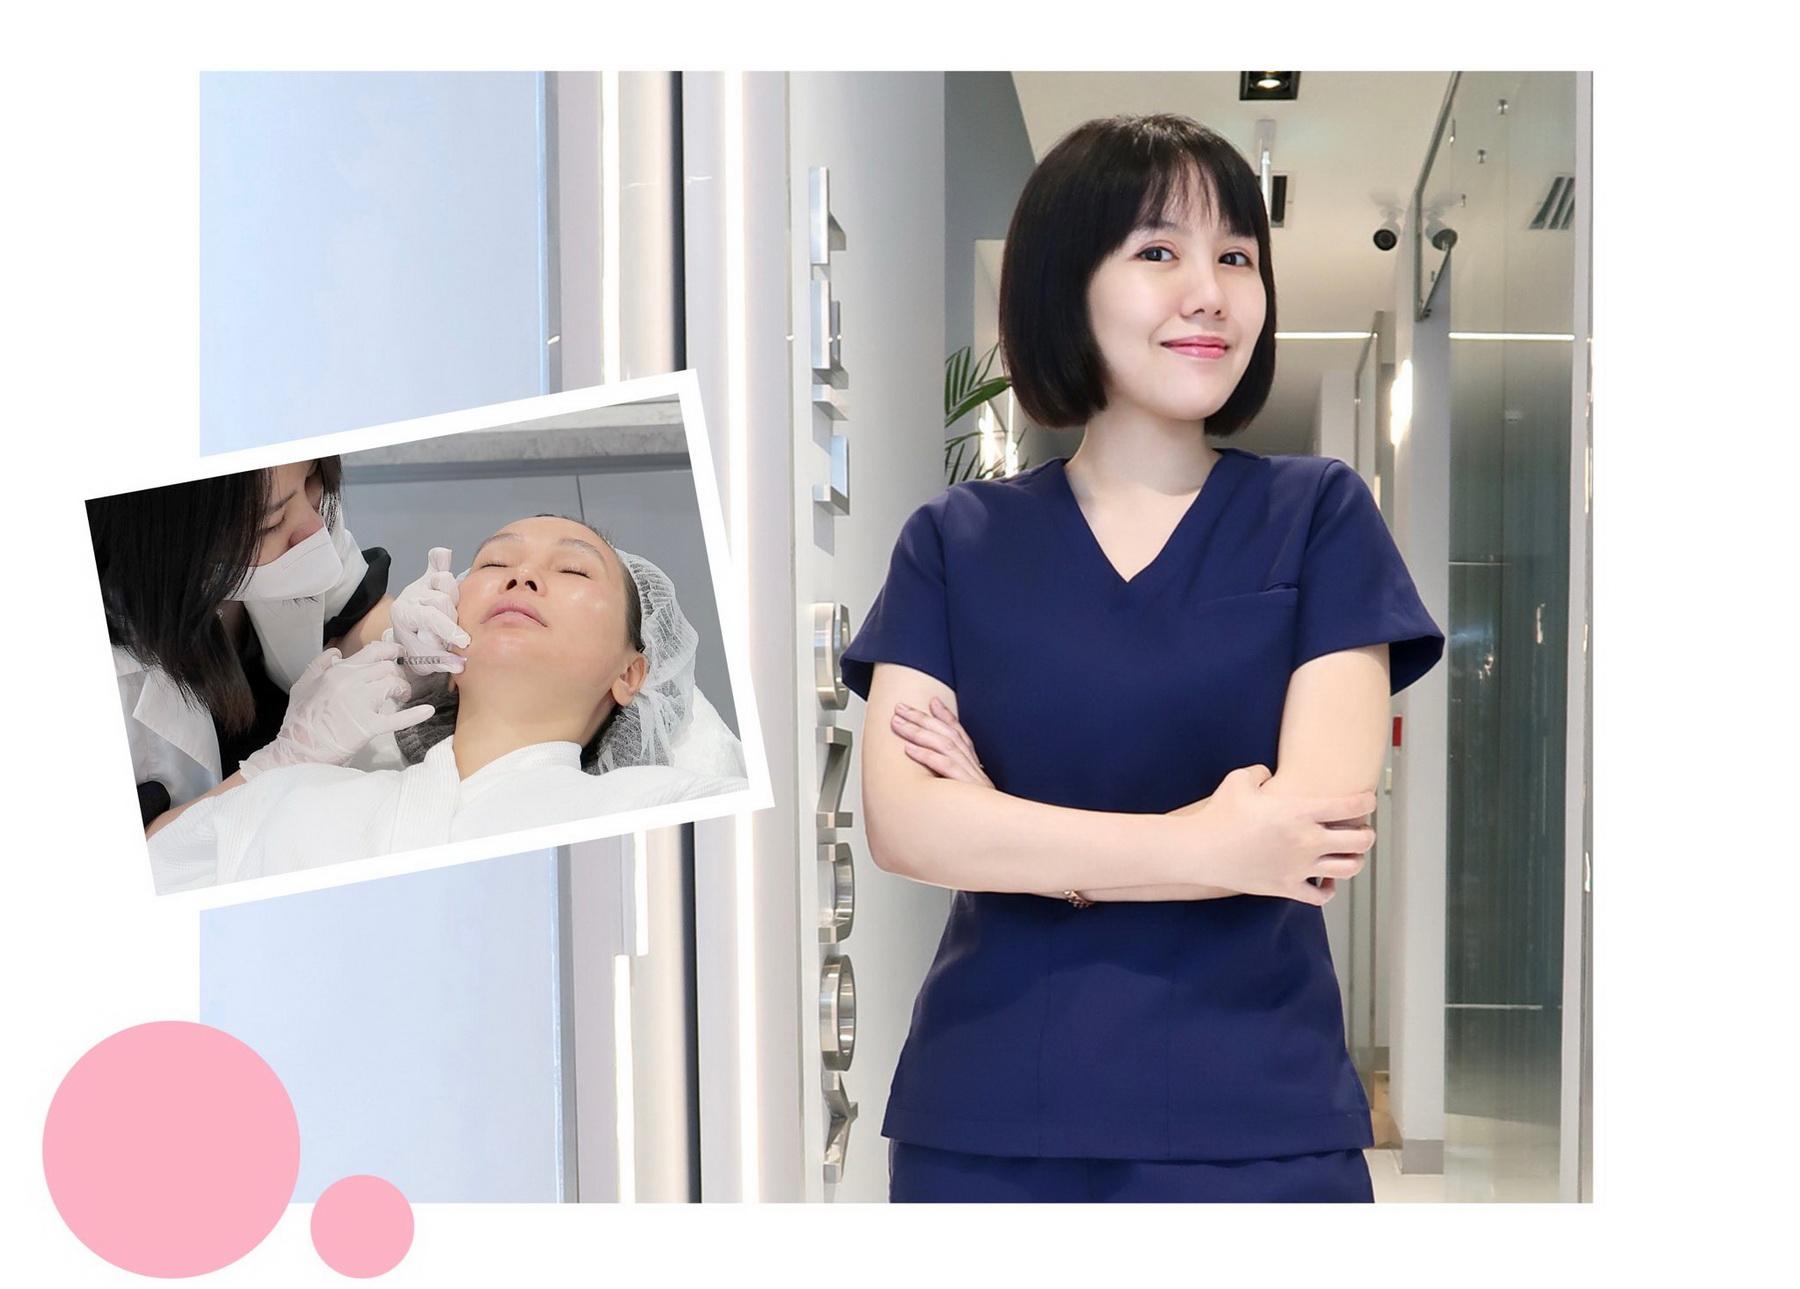 Trẻ hóa da với filler? Cập nhật công nghệ AestheFill thế hệ mới nhất thay thế cấy mỡ vừa có mặt tại Việt Nam